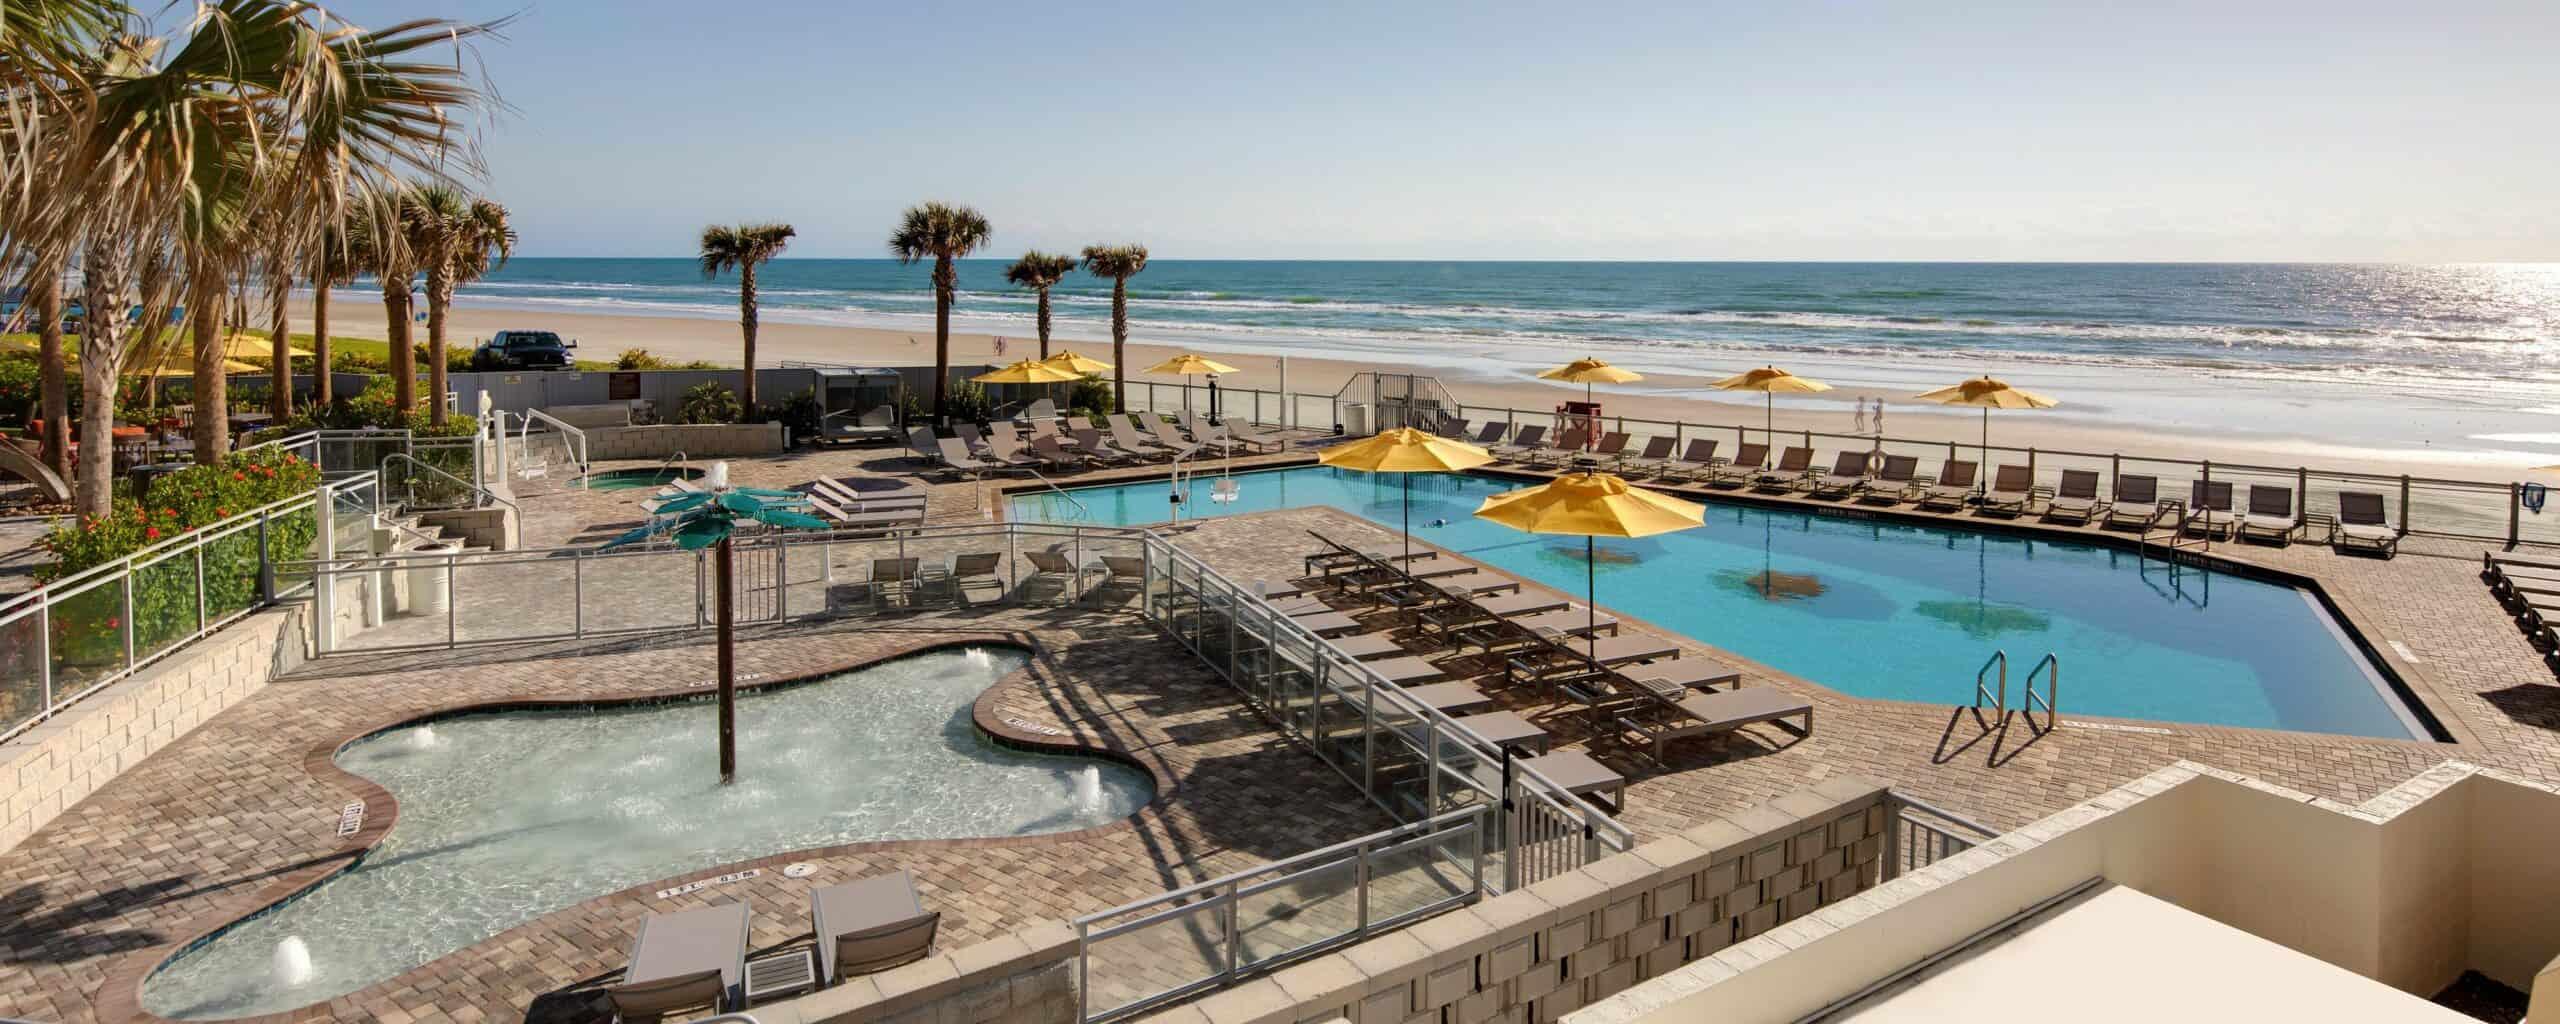 Delta Hotels von Marriott Daytona Beach Oceanfront